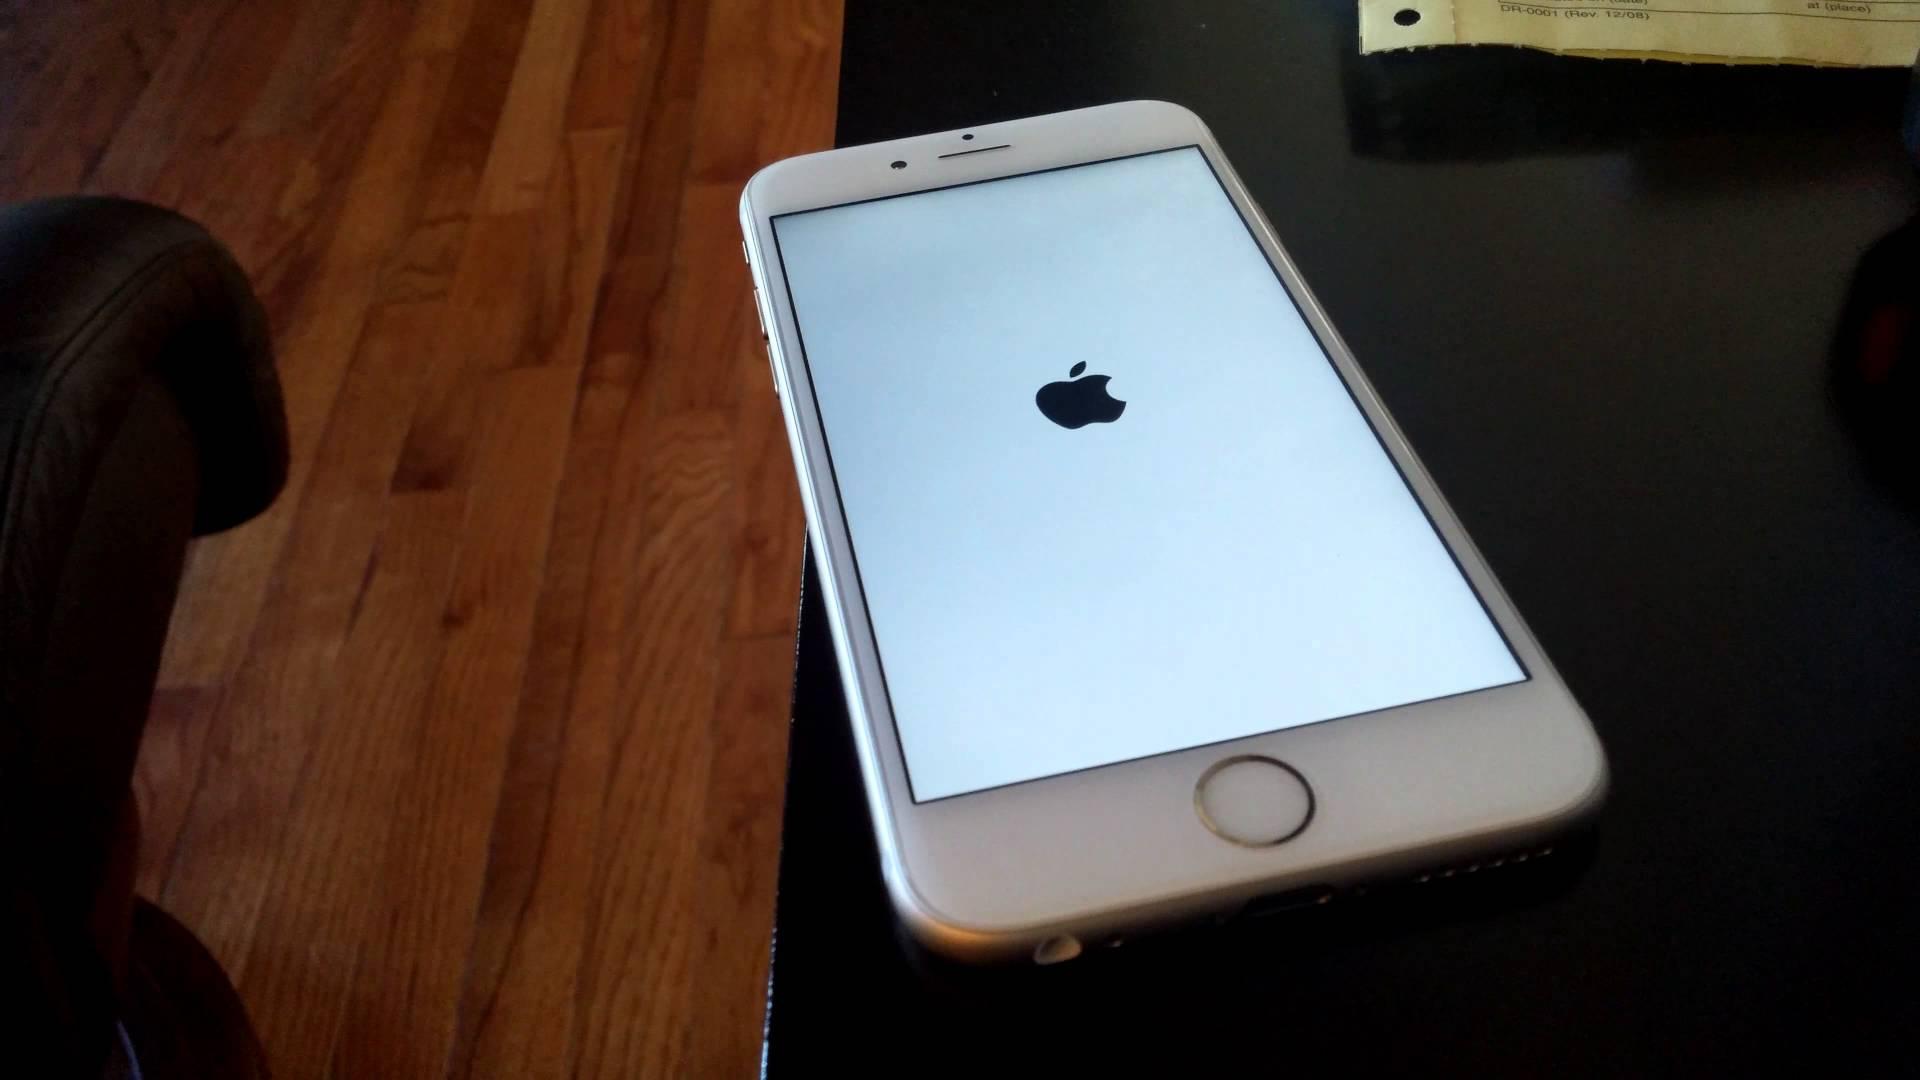 iPhone 6 non si accende